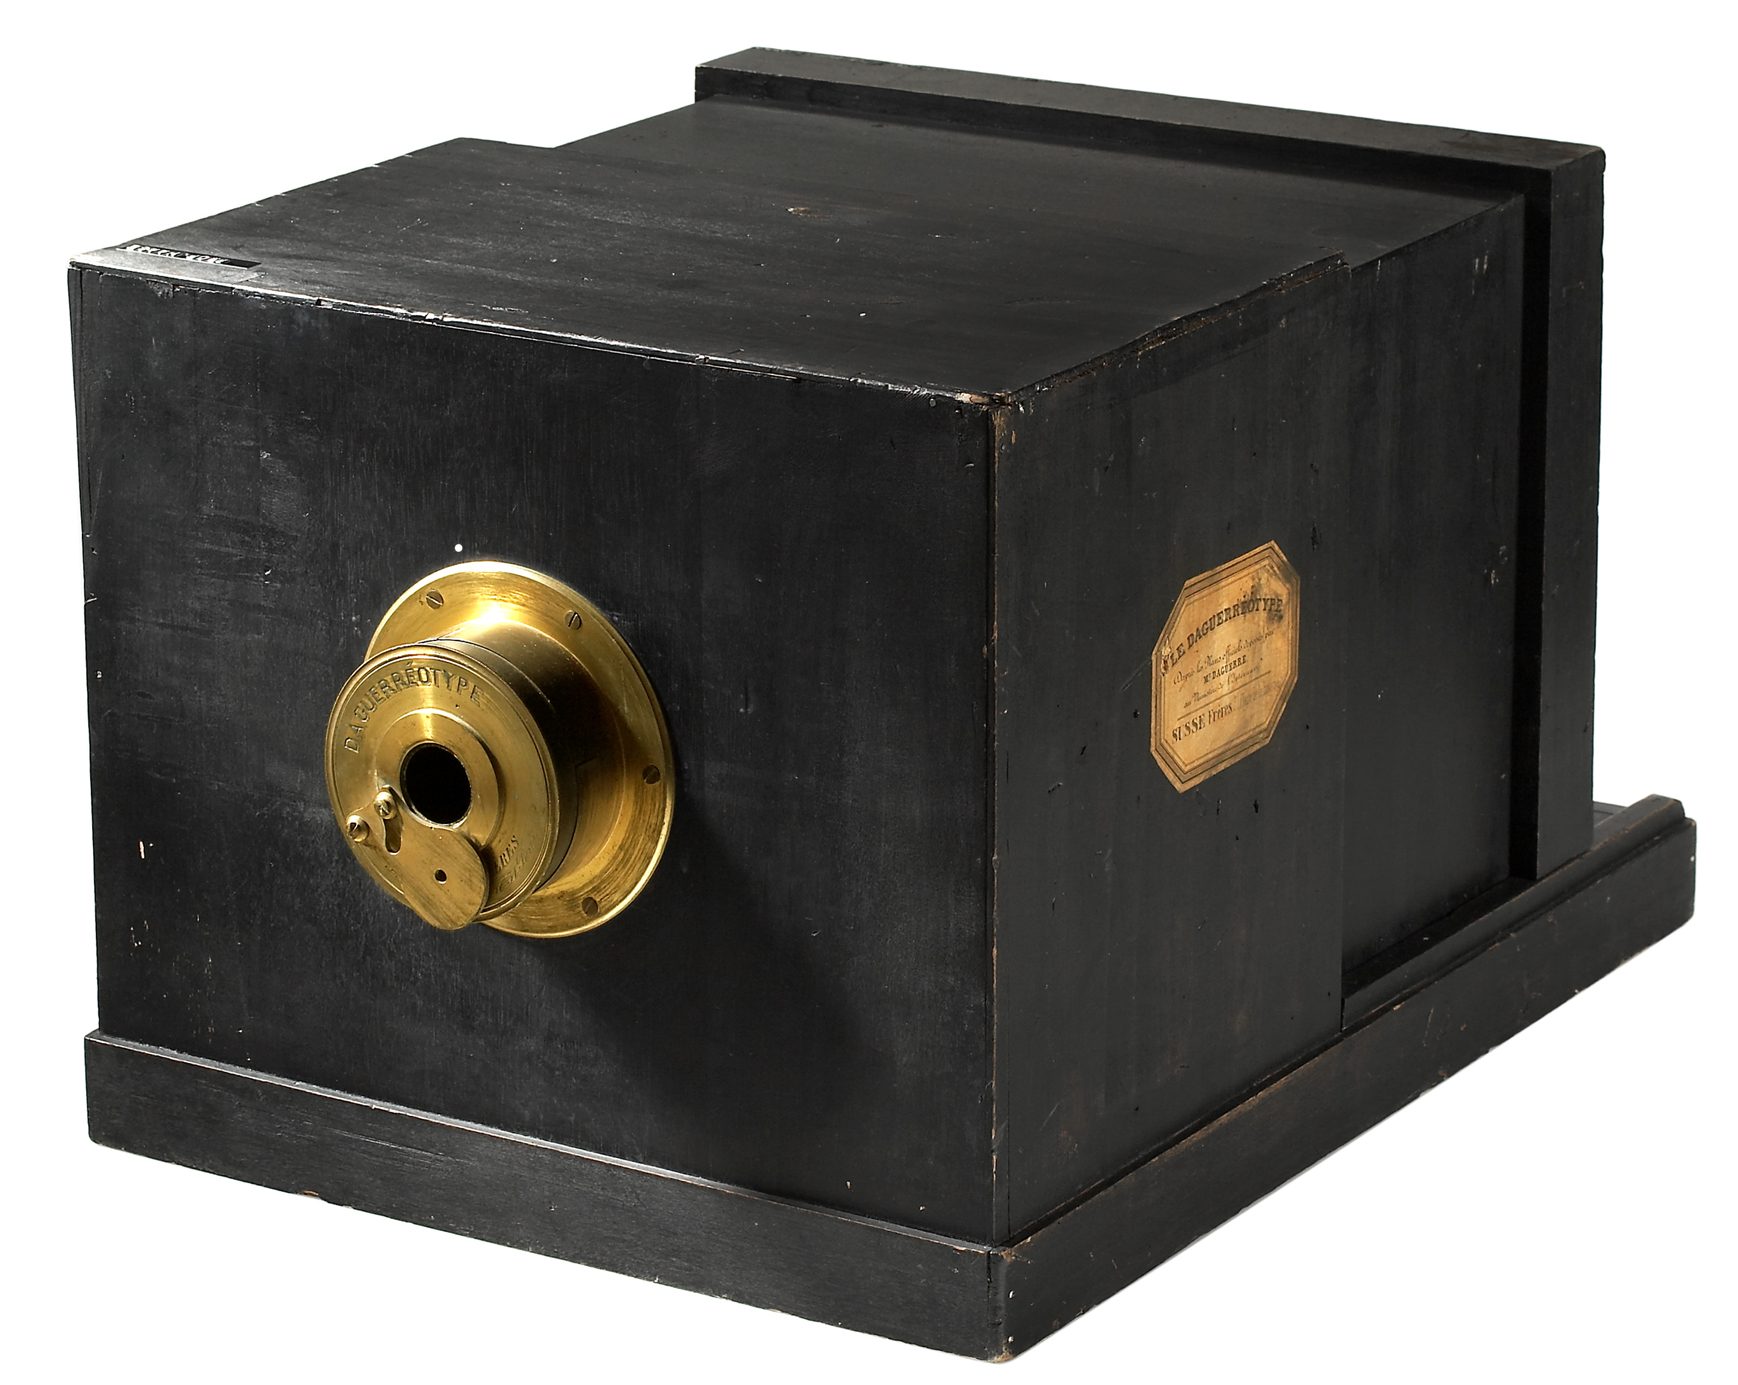 Daguerreotype camera built by La Maison Susse ...